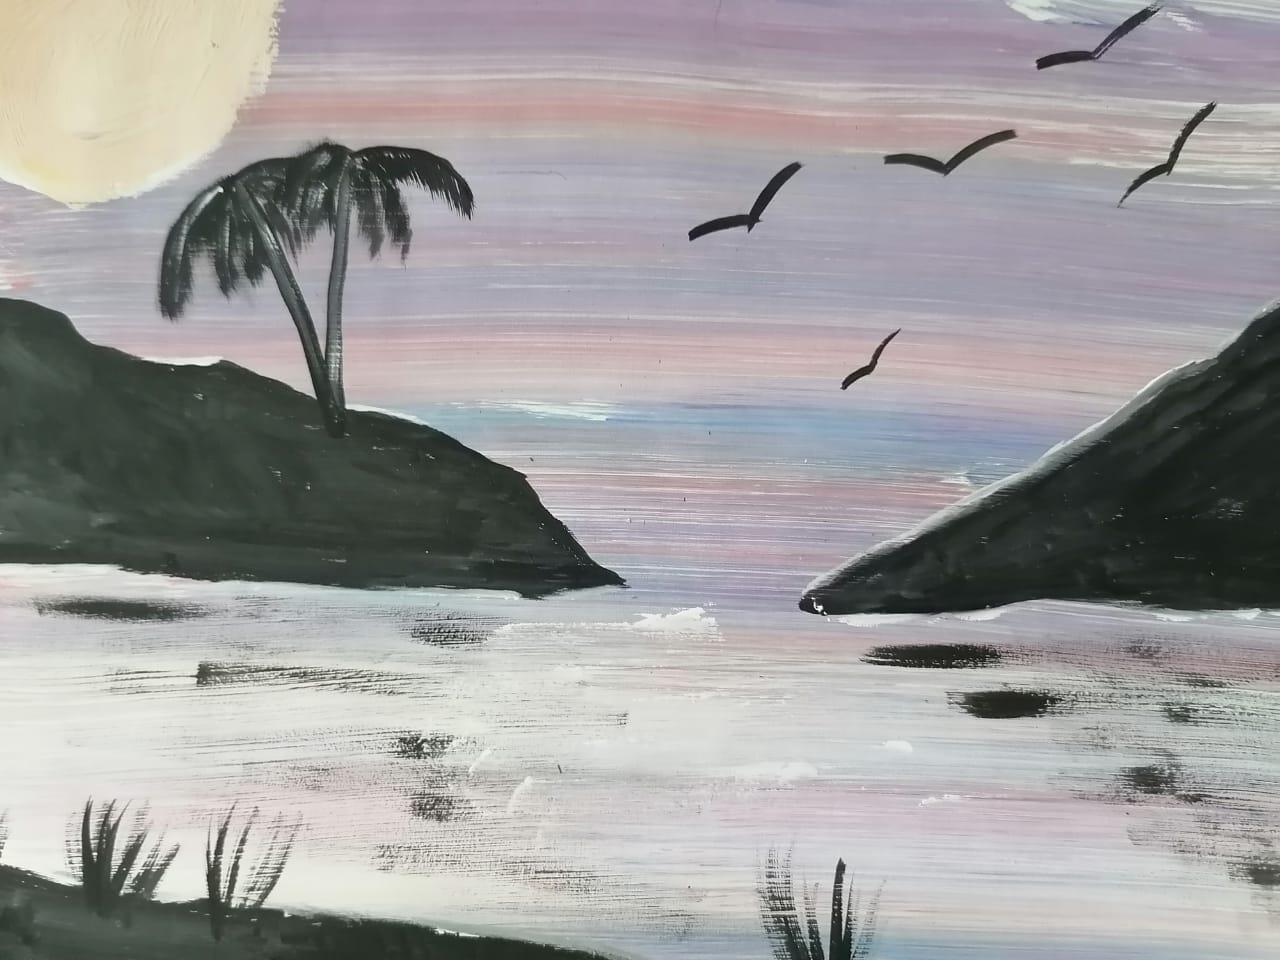 пейзаж с пальмами и морем